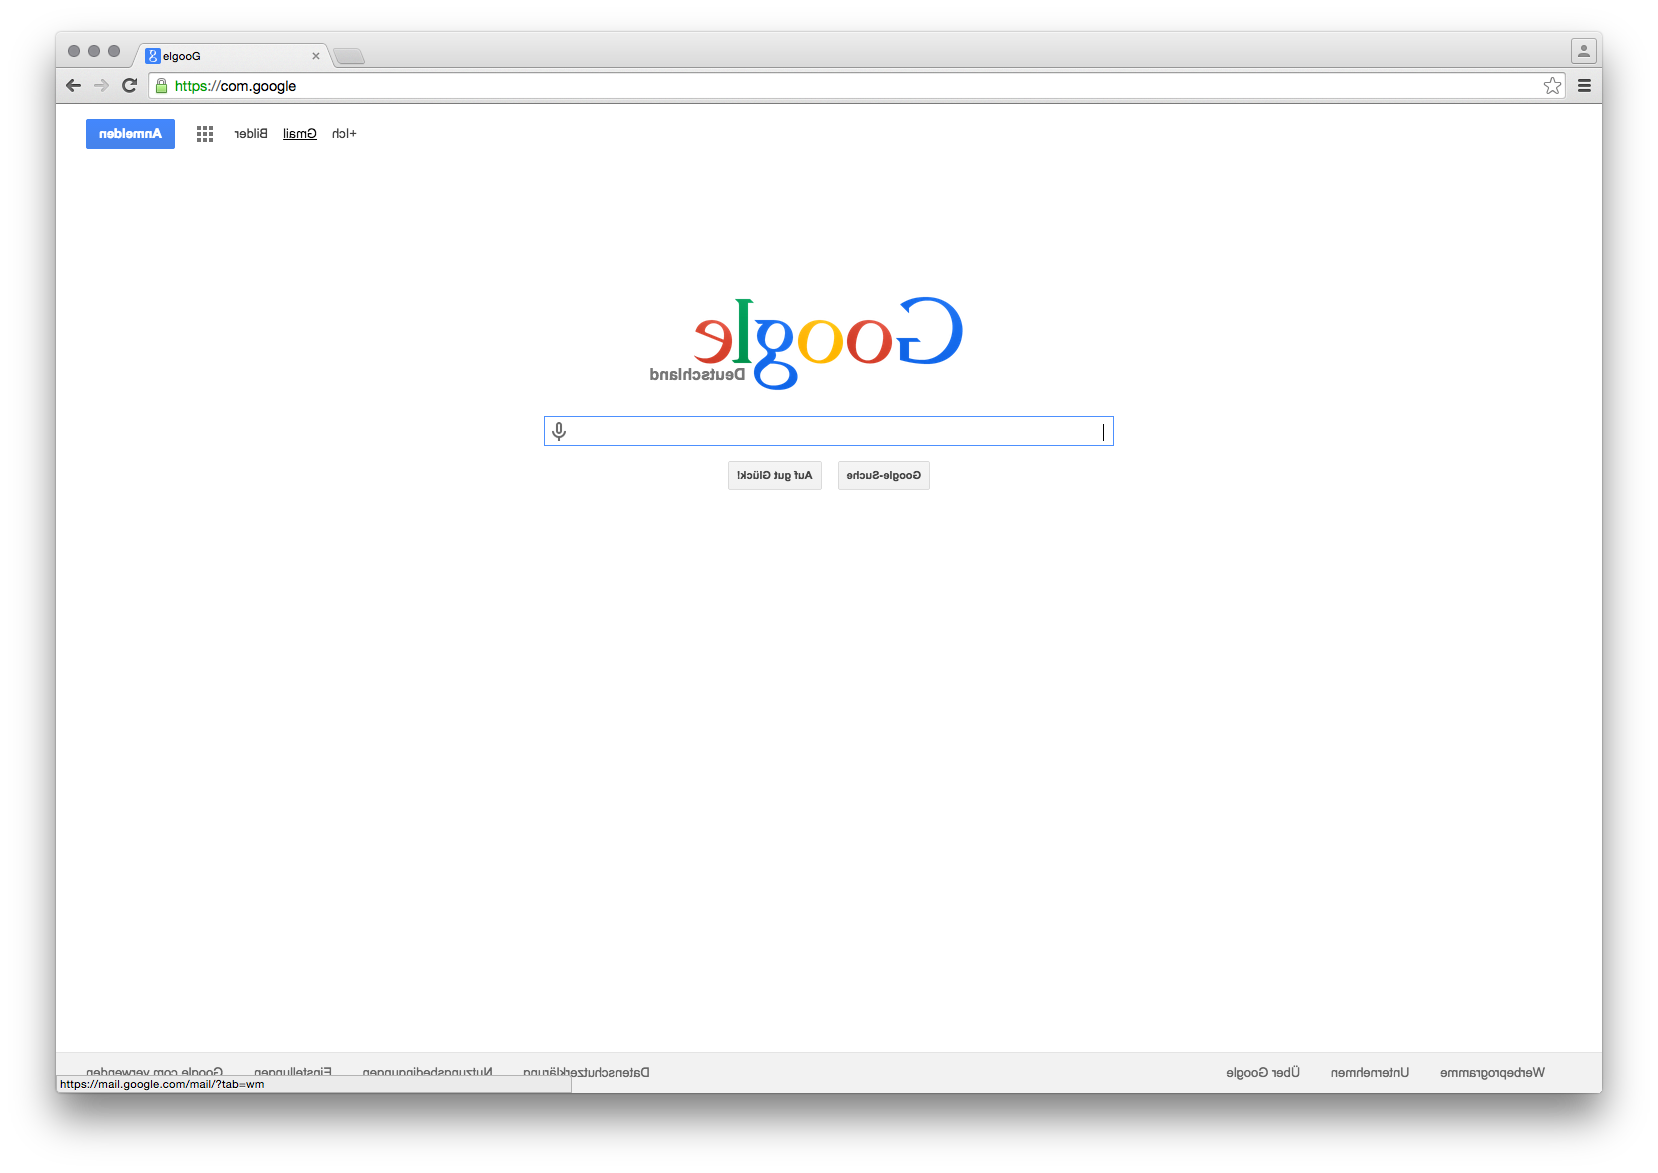 com_dot_google